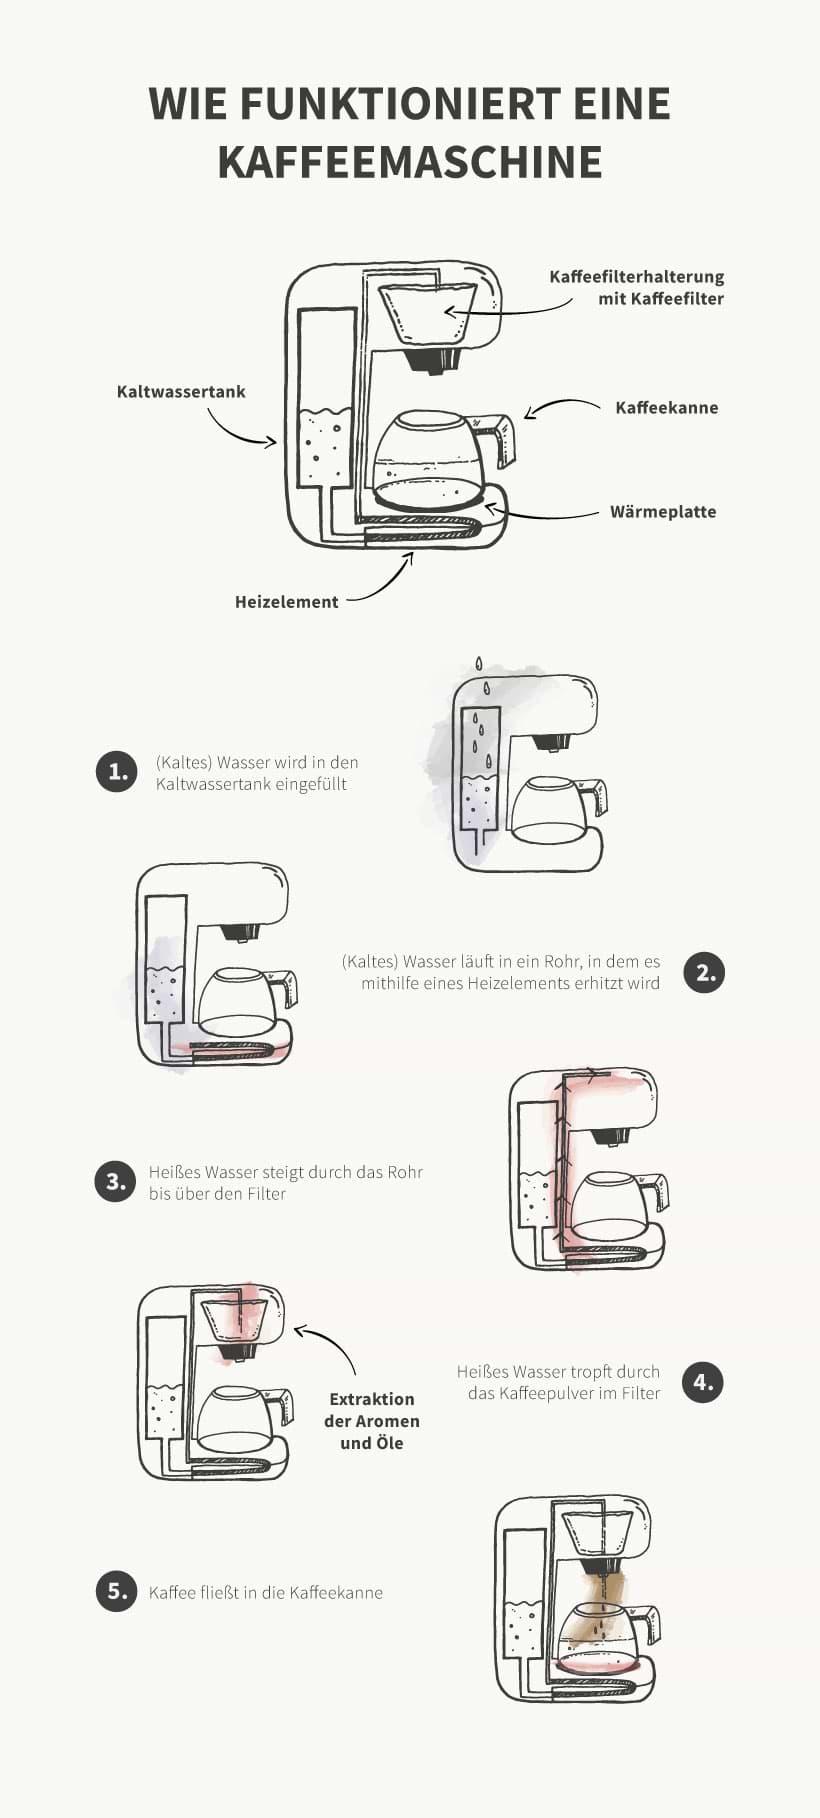 Infografik: So funktioniert eine Kaffeemaschine